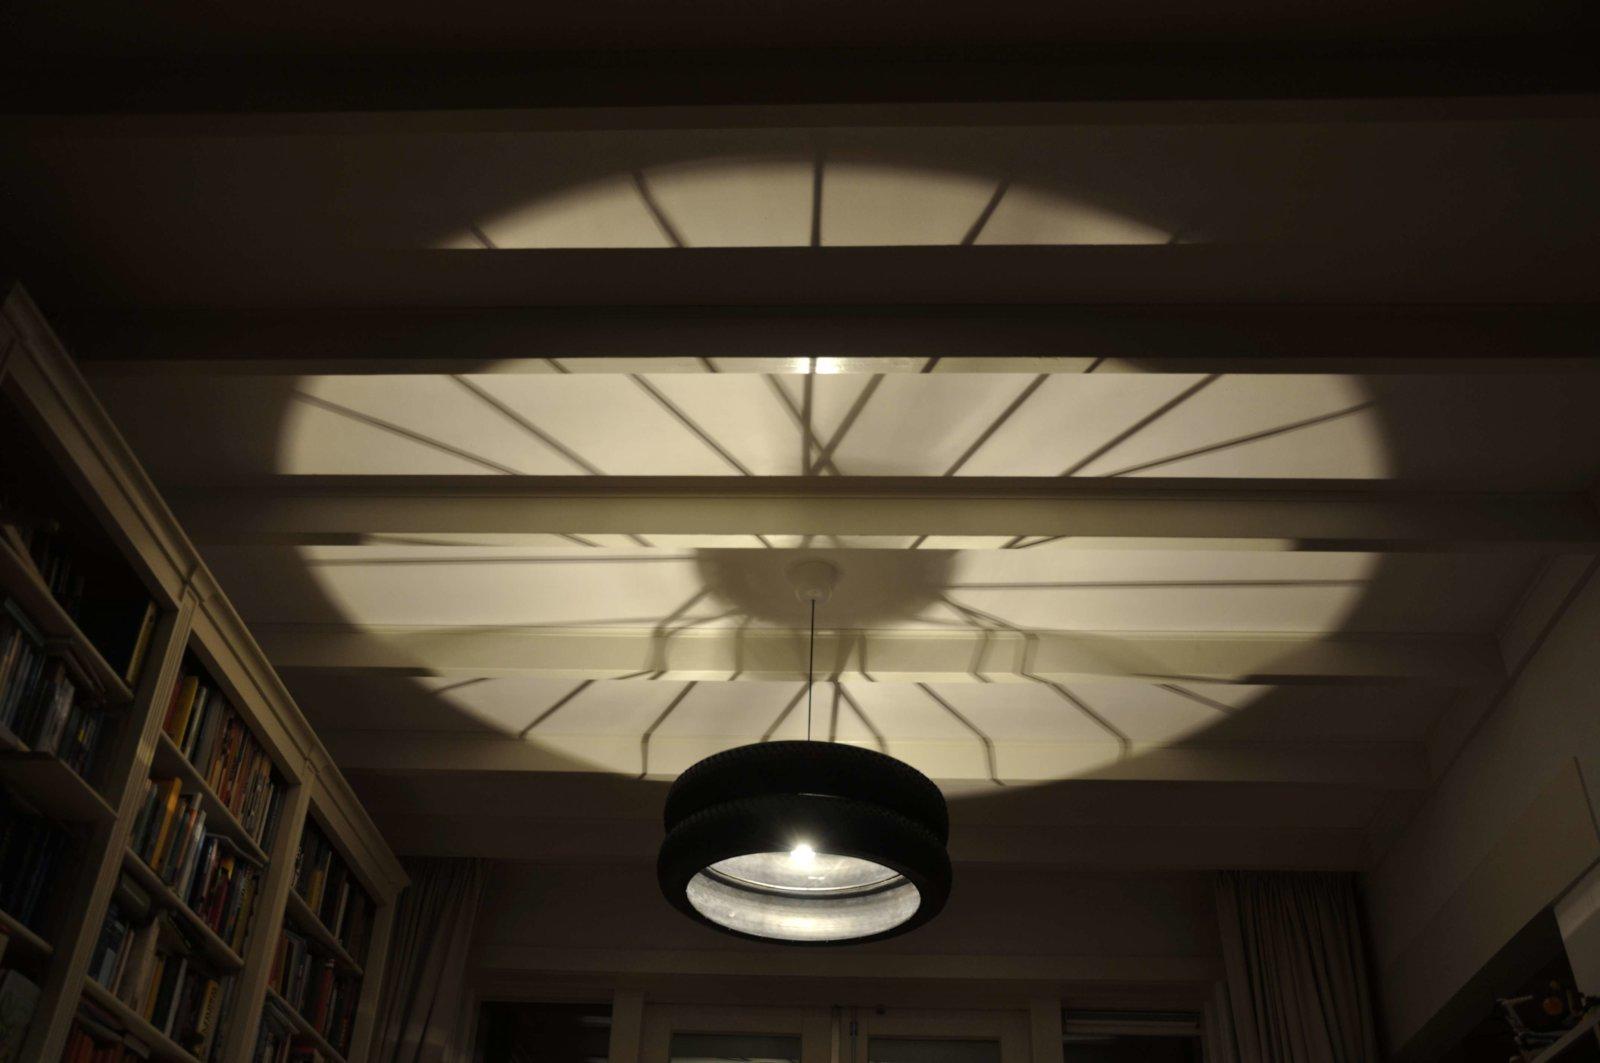 Lichtwiel Fatboy Lamp By Decreatievelink Aureool